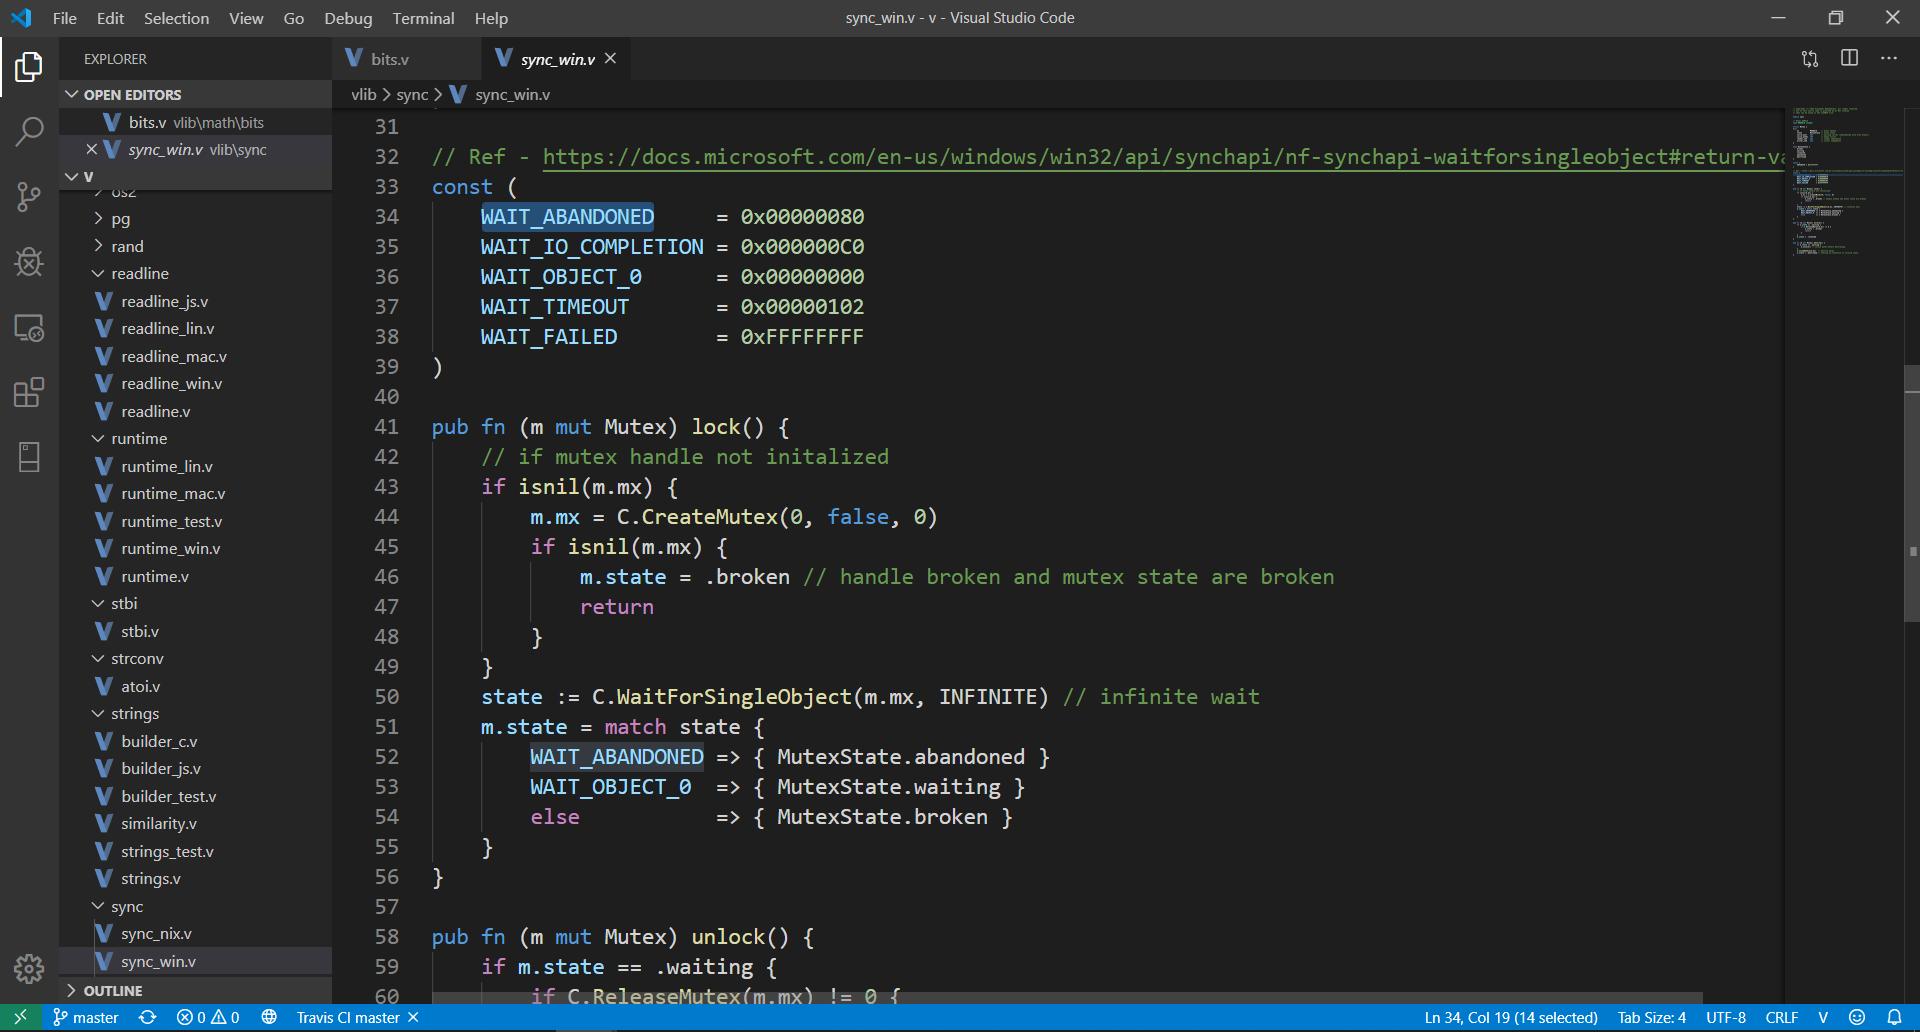 First demo screenshot